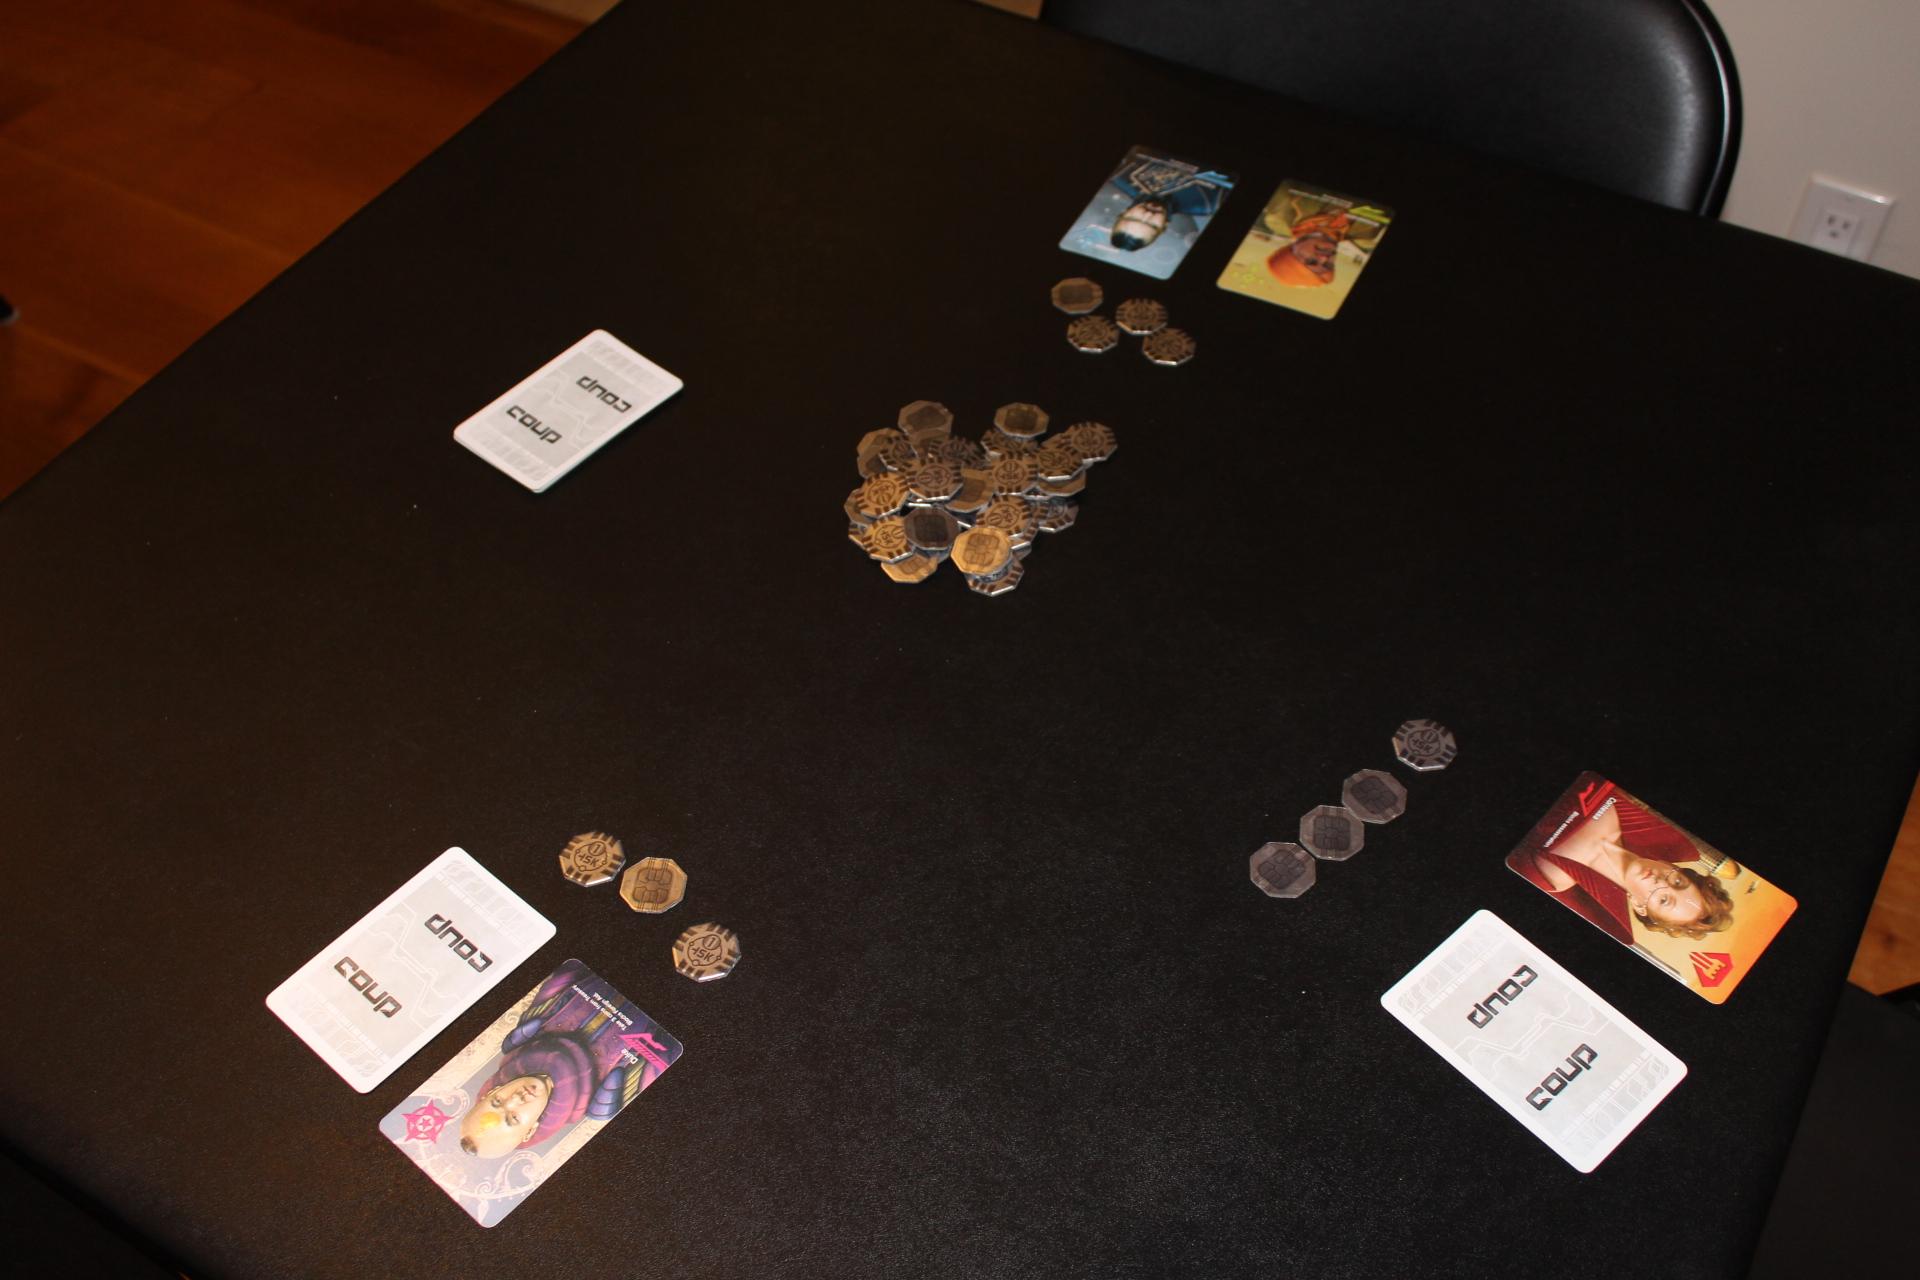 Hình minh hoạ cách set up board game Coup